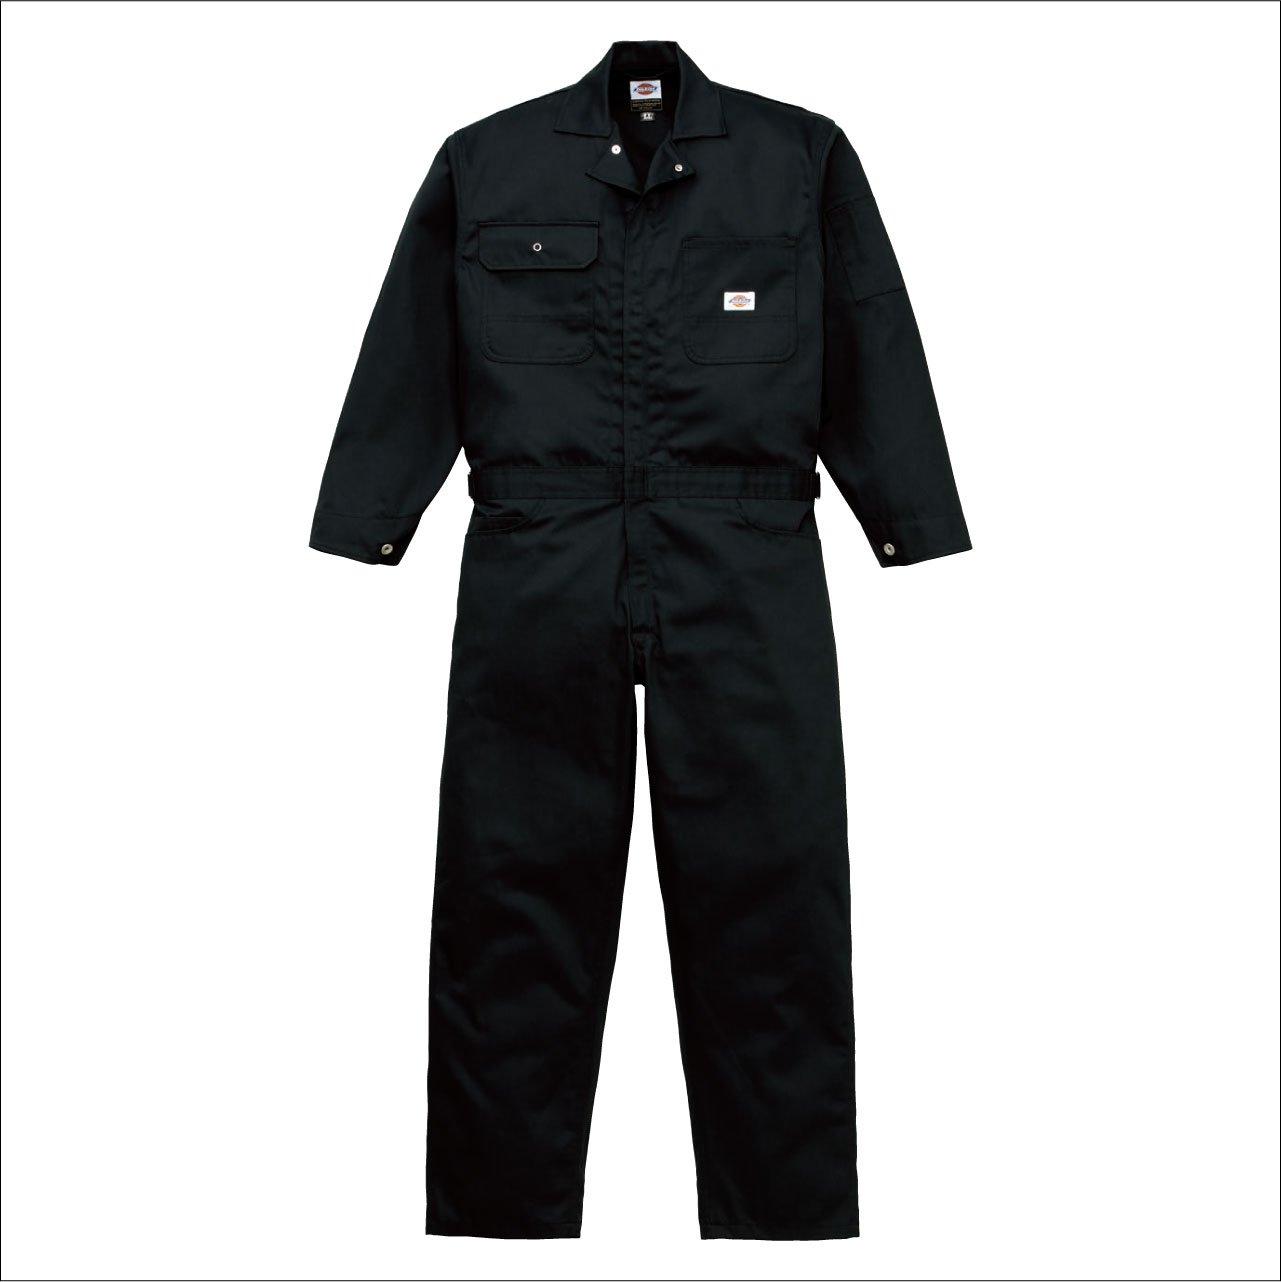 Dickies(ディッキーズ) つなぎ ミニヘリンボン スタイリッシュ Dickies-TK-1002 B00TIHGT8I S ブラック ブラック S